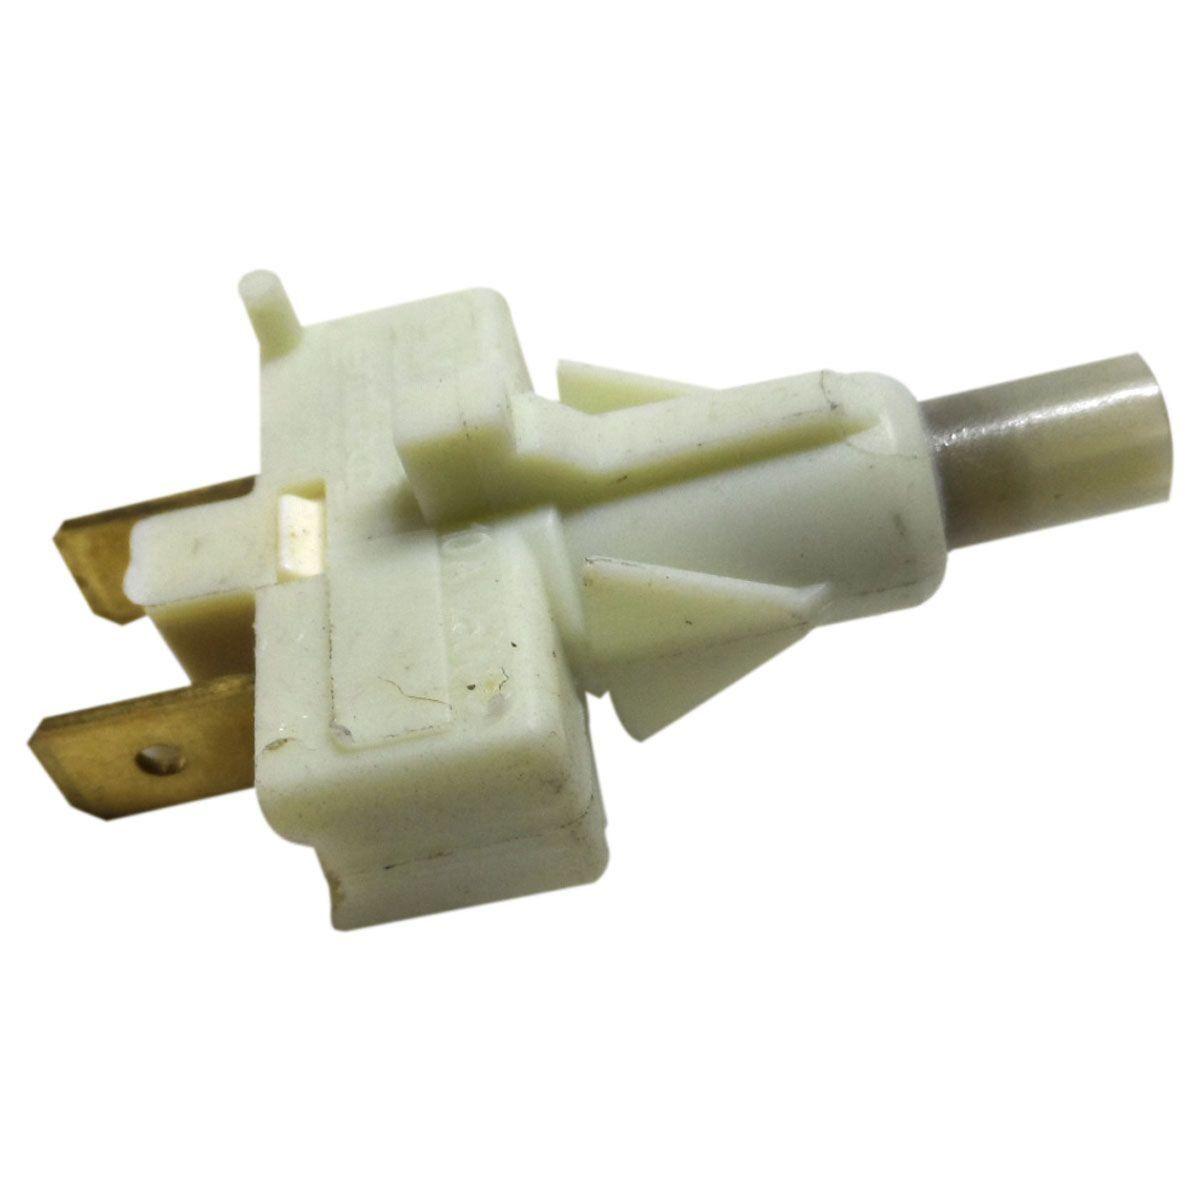 CHAVE SELETORA 1D LAVADORA ELECTROLUX 64484381 EMICOL